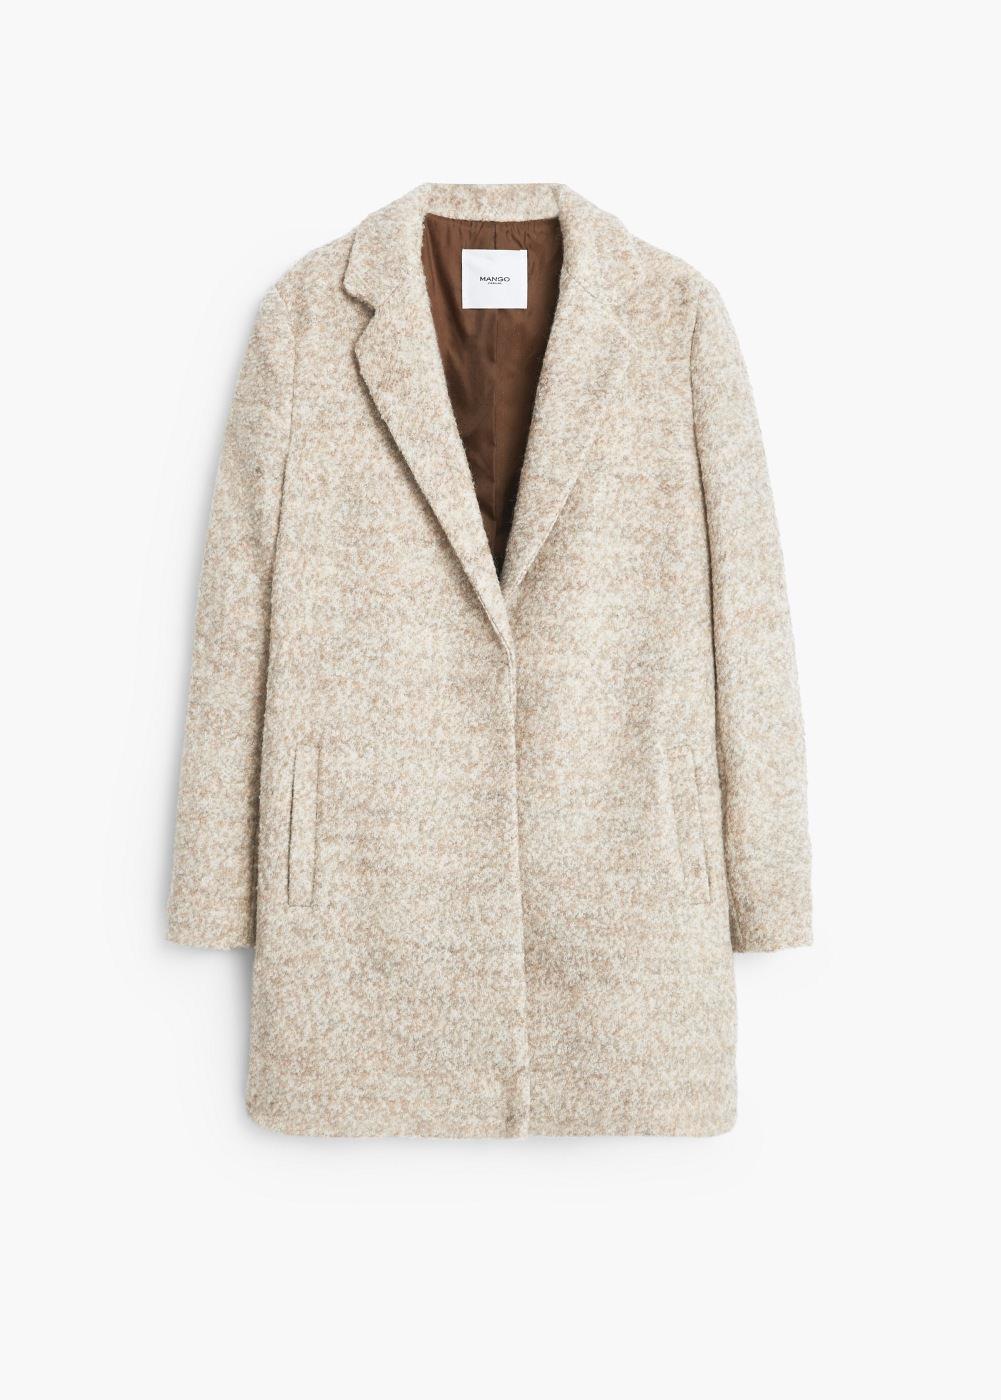 Beżowy płaszcz zimowy - Przegląd topowych propzycji z sieci